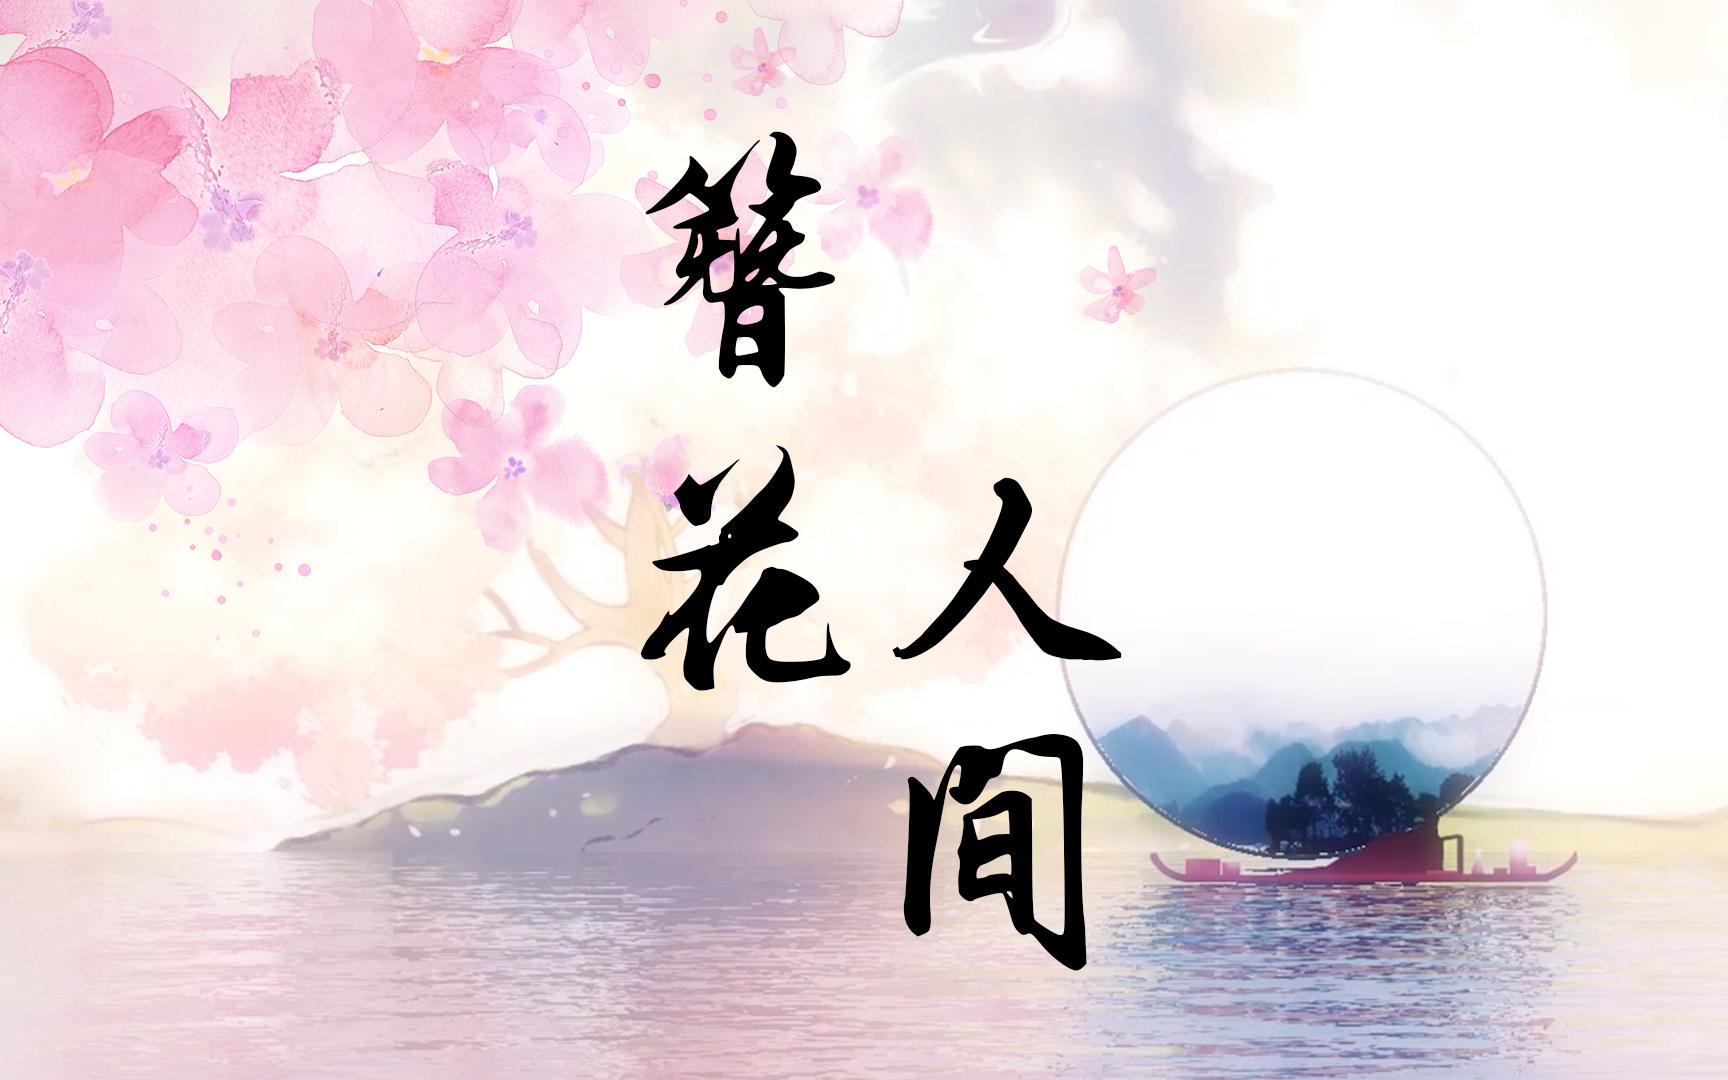 【艾米莉 x 塞壬】✟ 簪花人间 ✟ 古风情歌